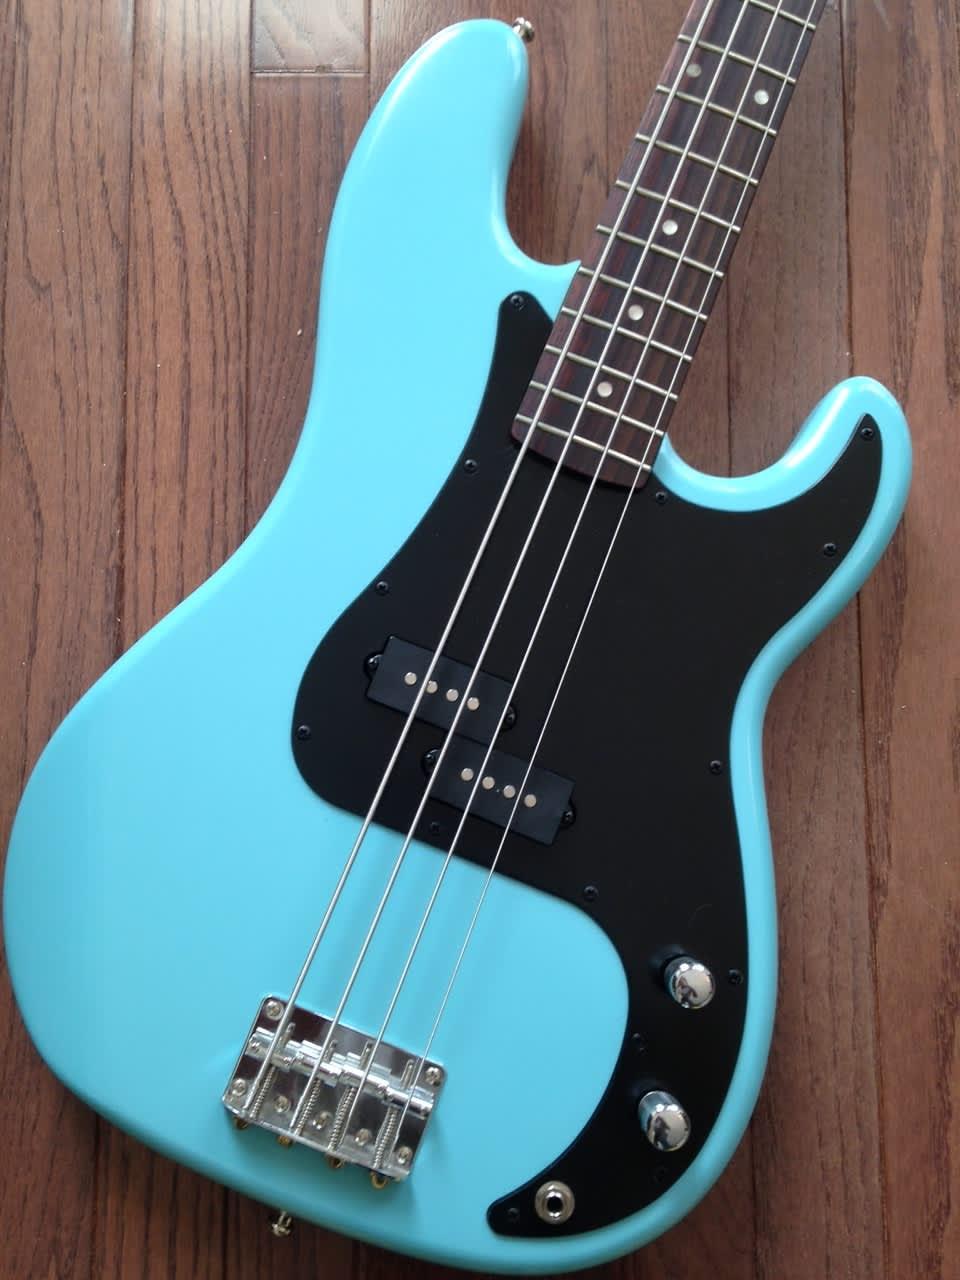 Squier Precision Bass - Daphne Blue nitro refinish with | Reverb